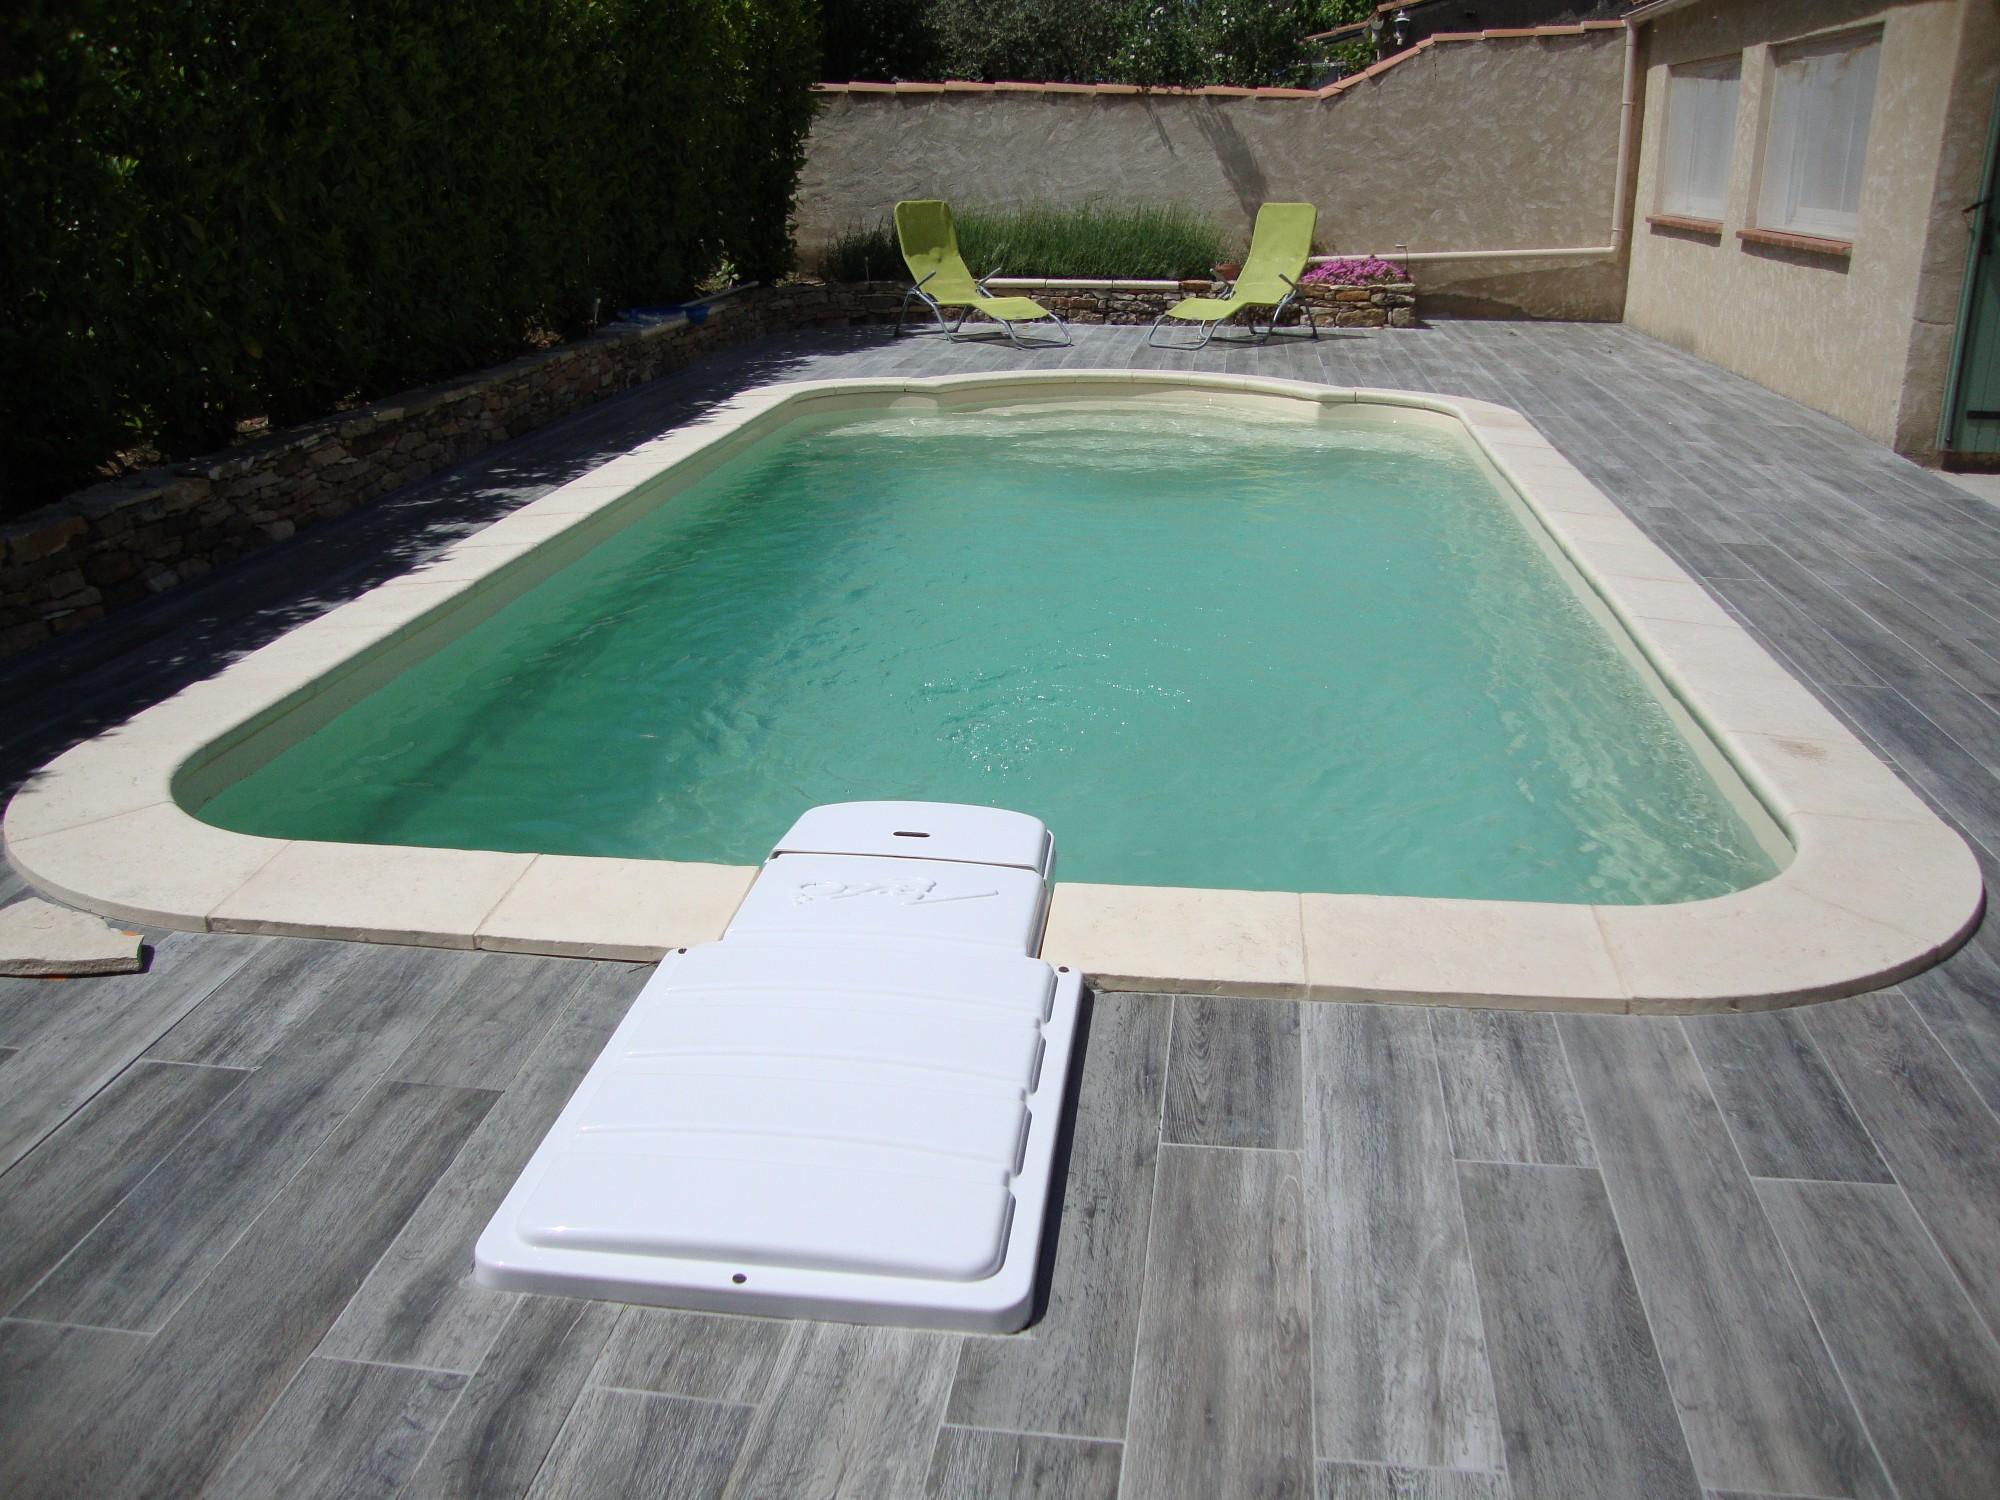 Piscine polyester rectangulaire avec escalier roman 730ft for Piscine polyester prix